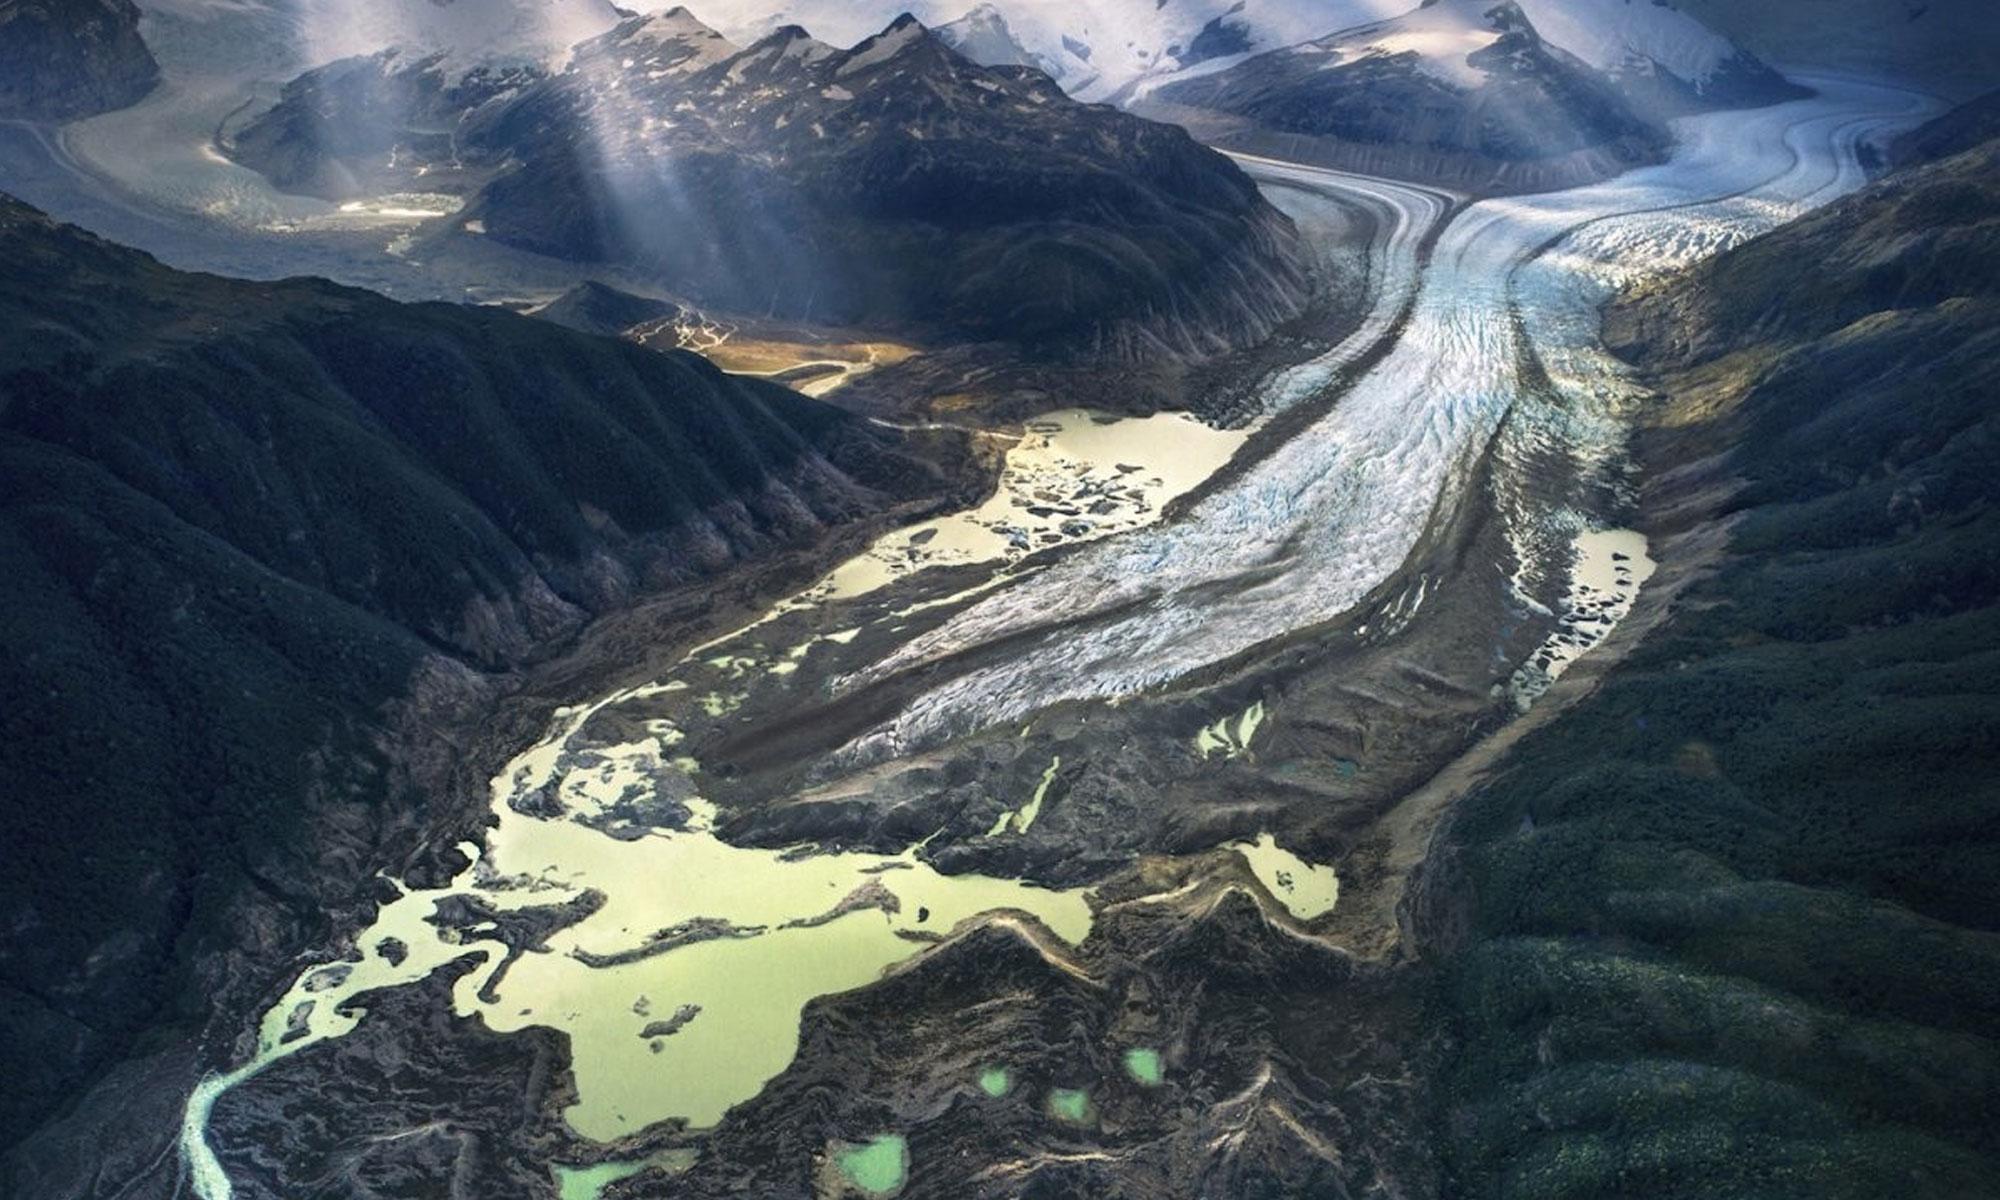 أفضل صورة عن مناظر طبيعة دولية من نيوزيلندا